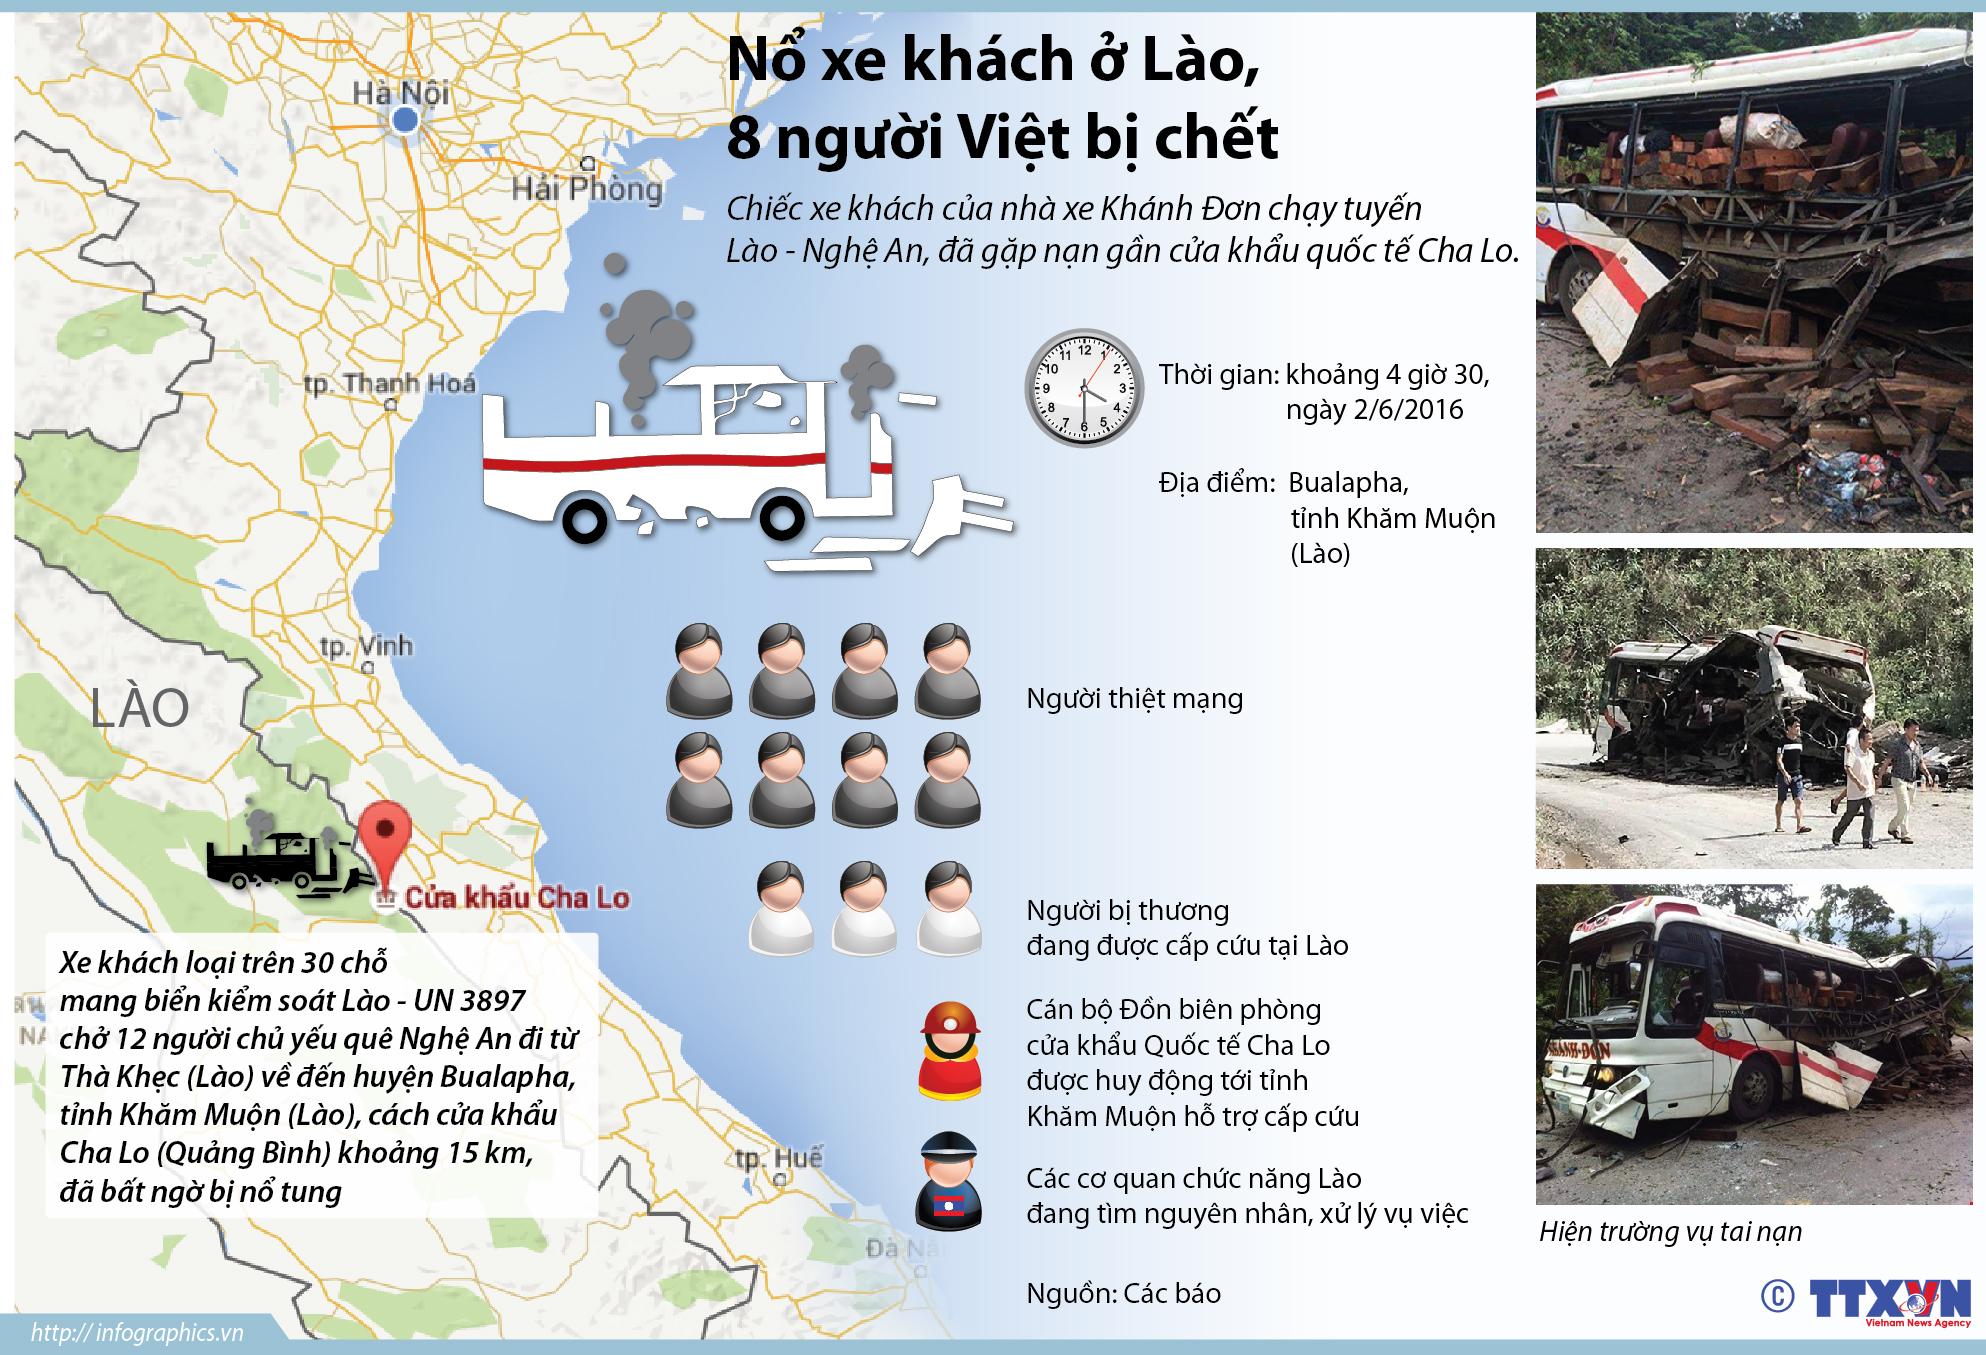 Vụ nổ xe khách Việt tại Lào: 6 thi thể đã được đưa về quê, lái xe ra trình diện